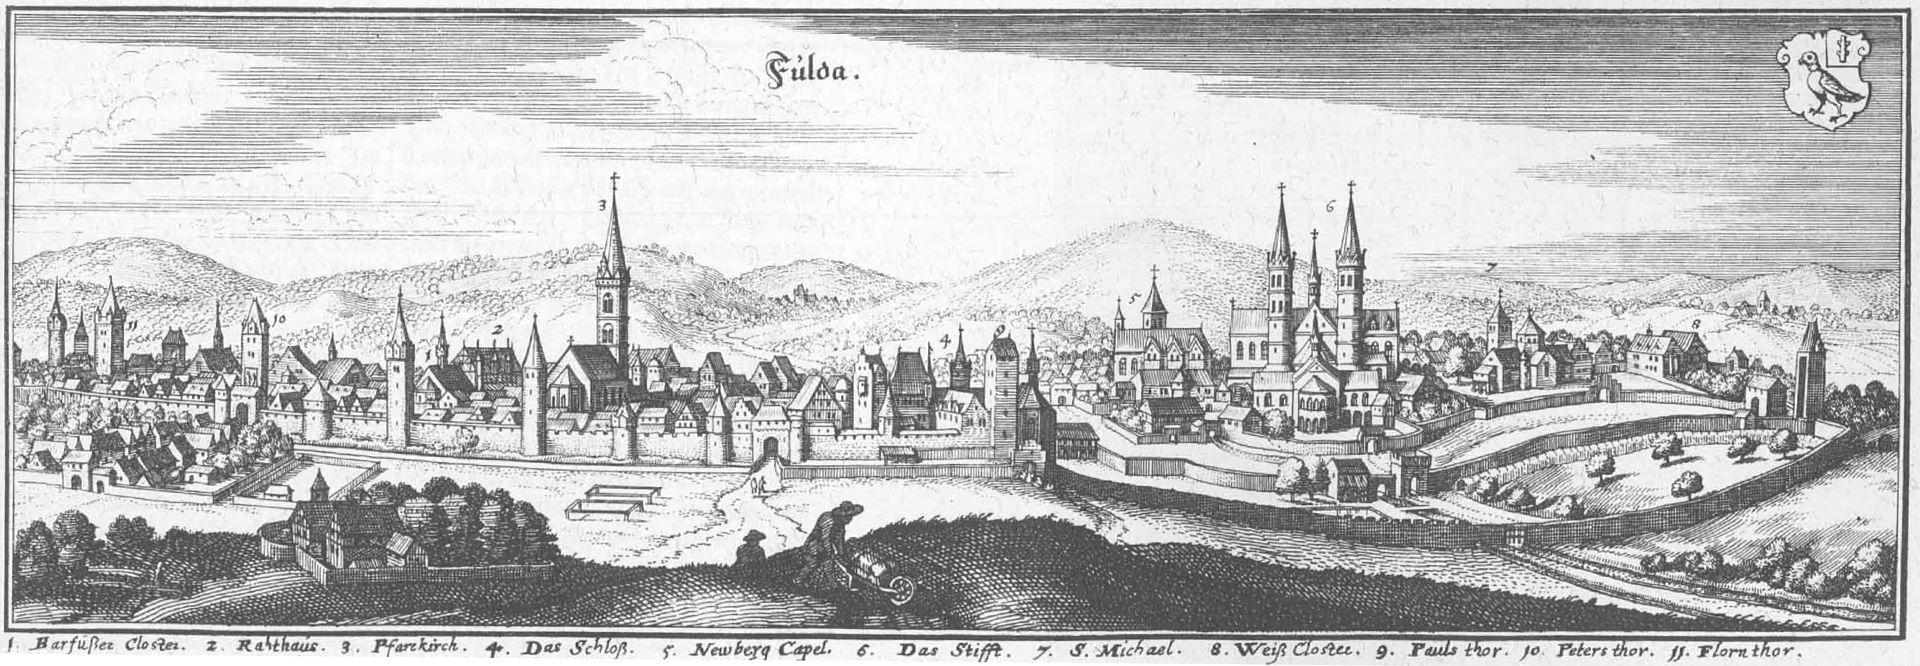 Panoramabild Fulda 1655 in der Topographia Hassiae et regionum vicinarum